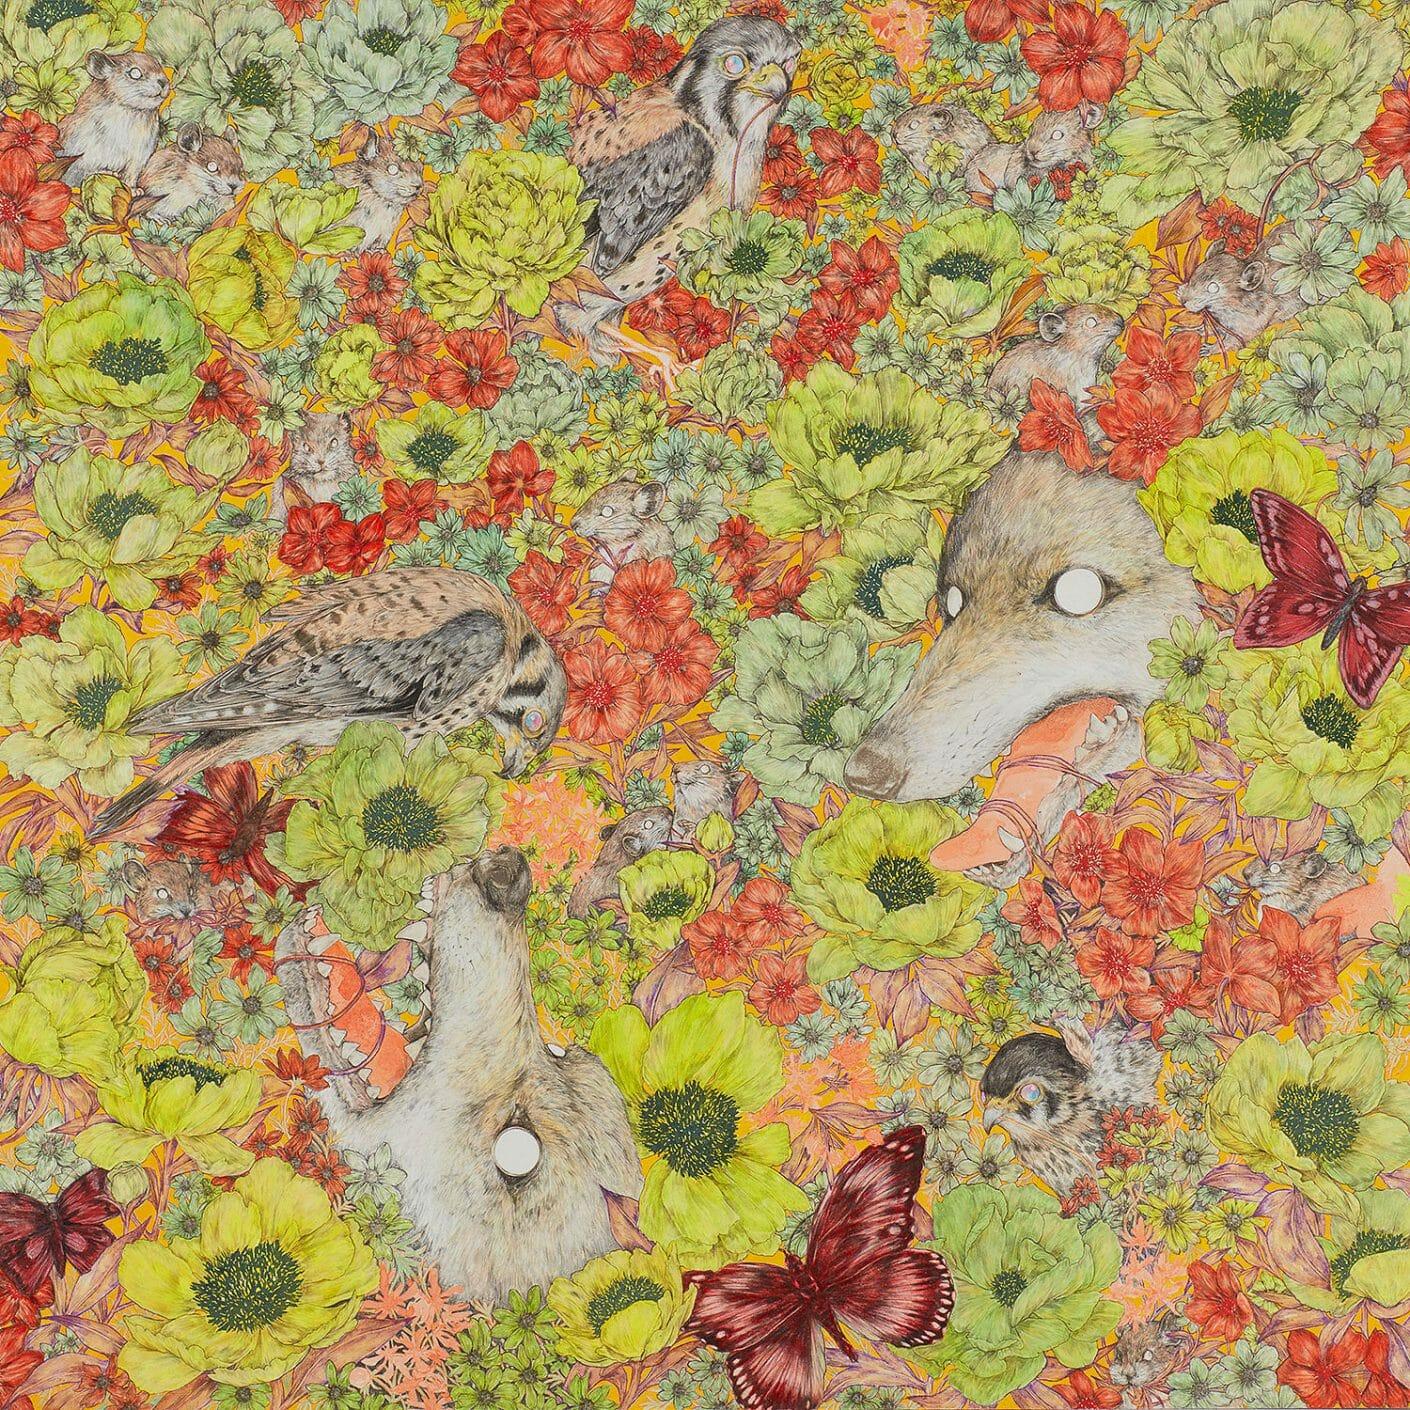 Tableau recouvert de fleurs jaunes, vertes et rouges. On devine des oiseaux, des têtes de loup et des papillons par Fumi  Nakamura